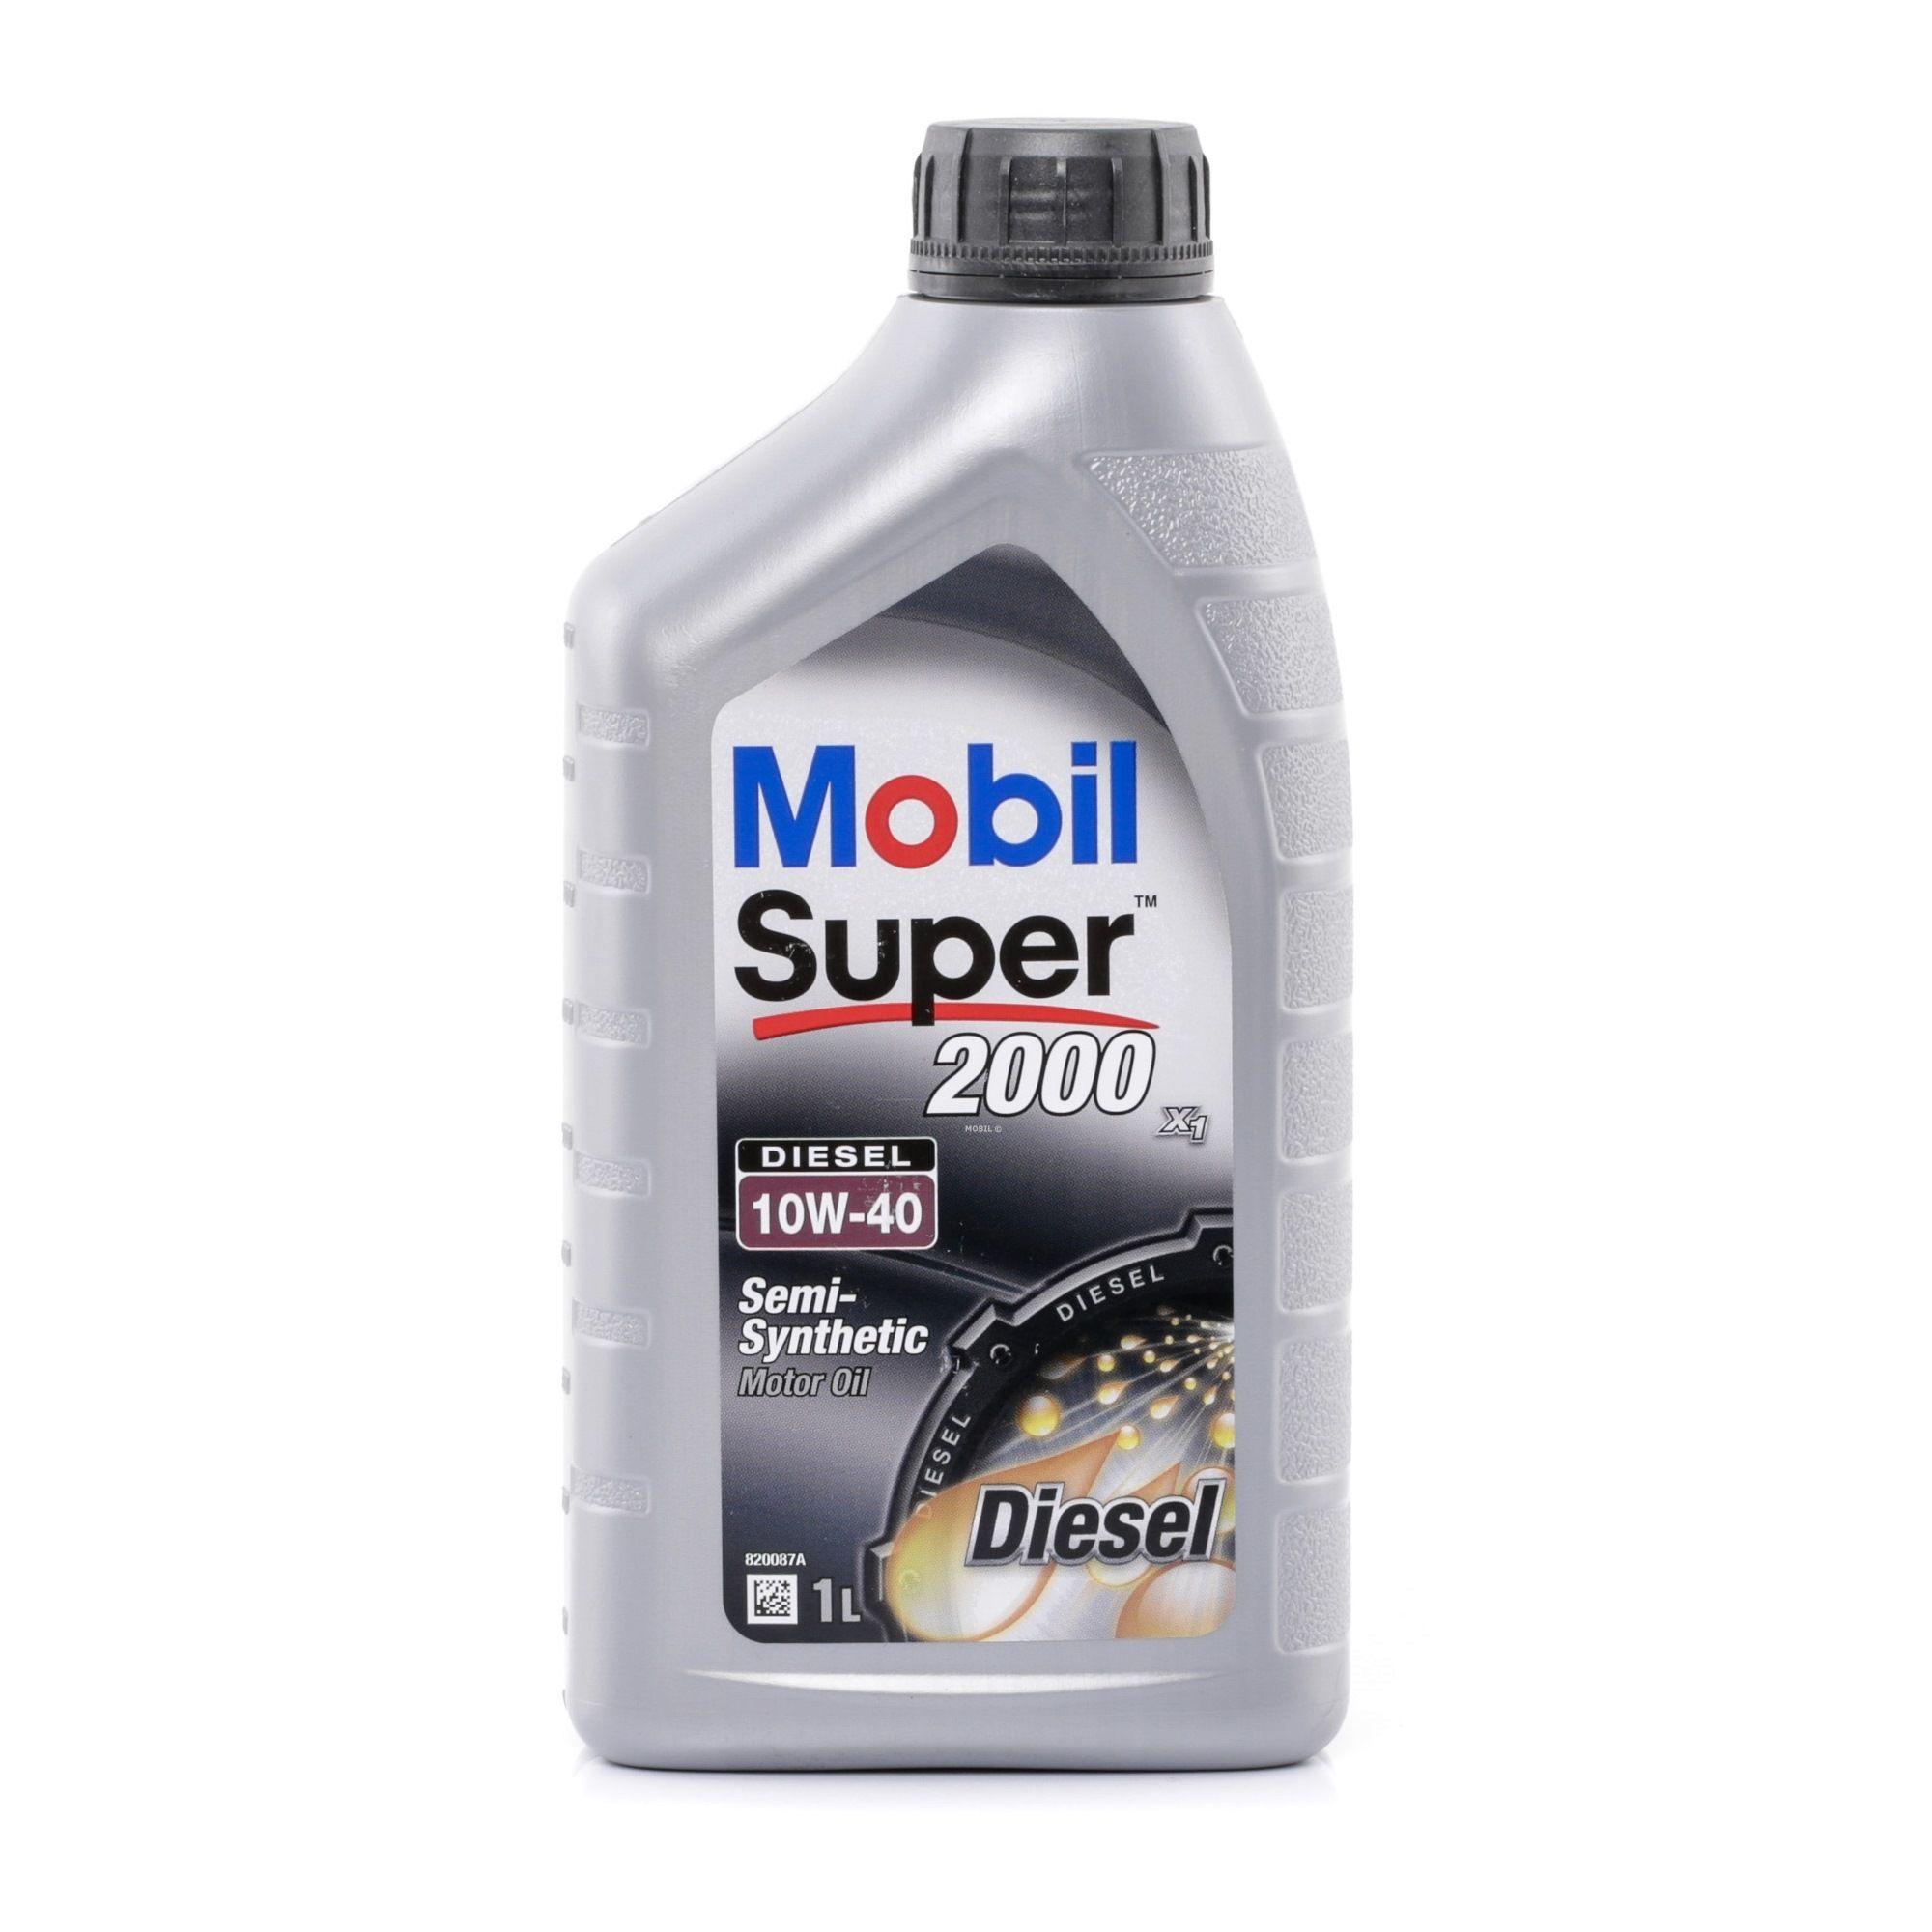 Motorový olej 150868 s vynikajícím poměrem mezi cenou a MOBIL kvalitou